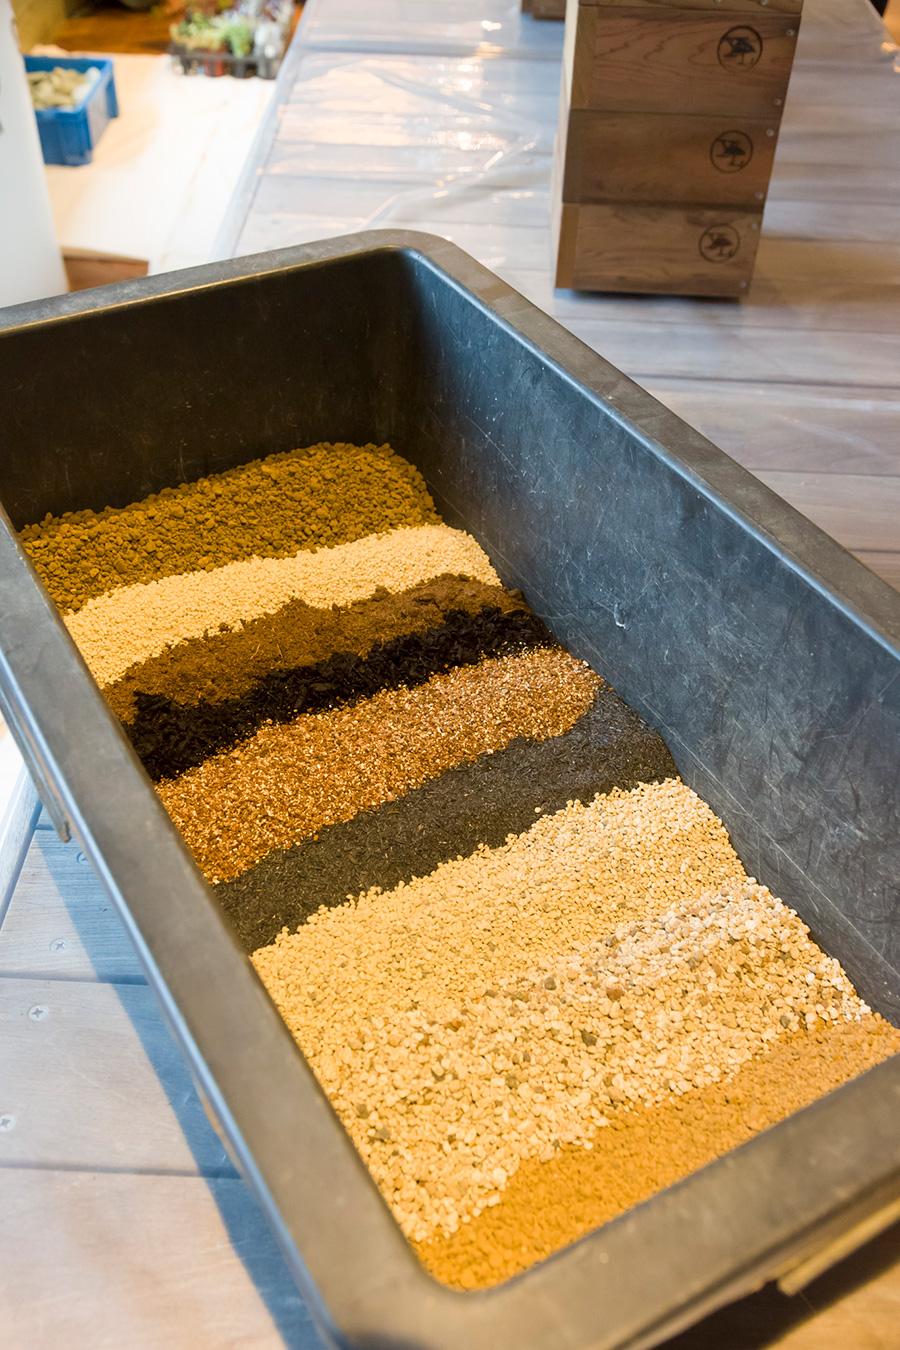 多肉植物に最適な土の配合。奥から、赤玉土、鹿沼土(土を酸性に保ち排水性もいい)、ピートモス(水持ちがいい)、バーク堆肥、バーミキュライト(排水性がいい)、燻炭(PHの調整)、日向土(排水性を高める)、軽石(空気と水分を保つ)。